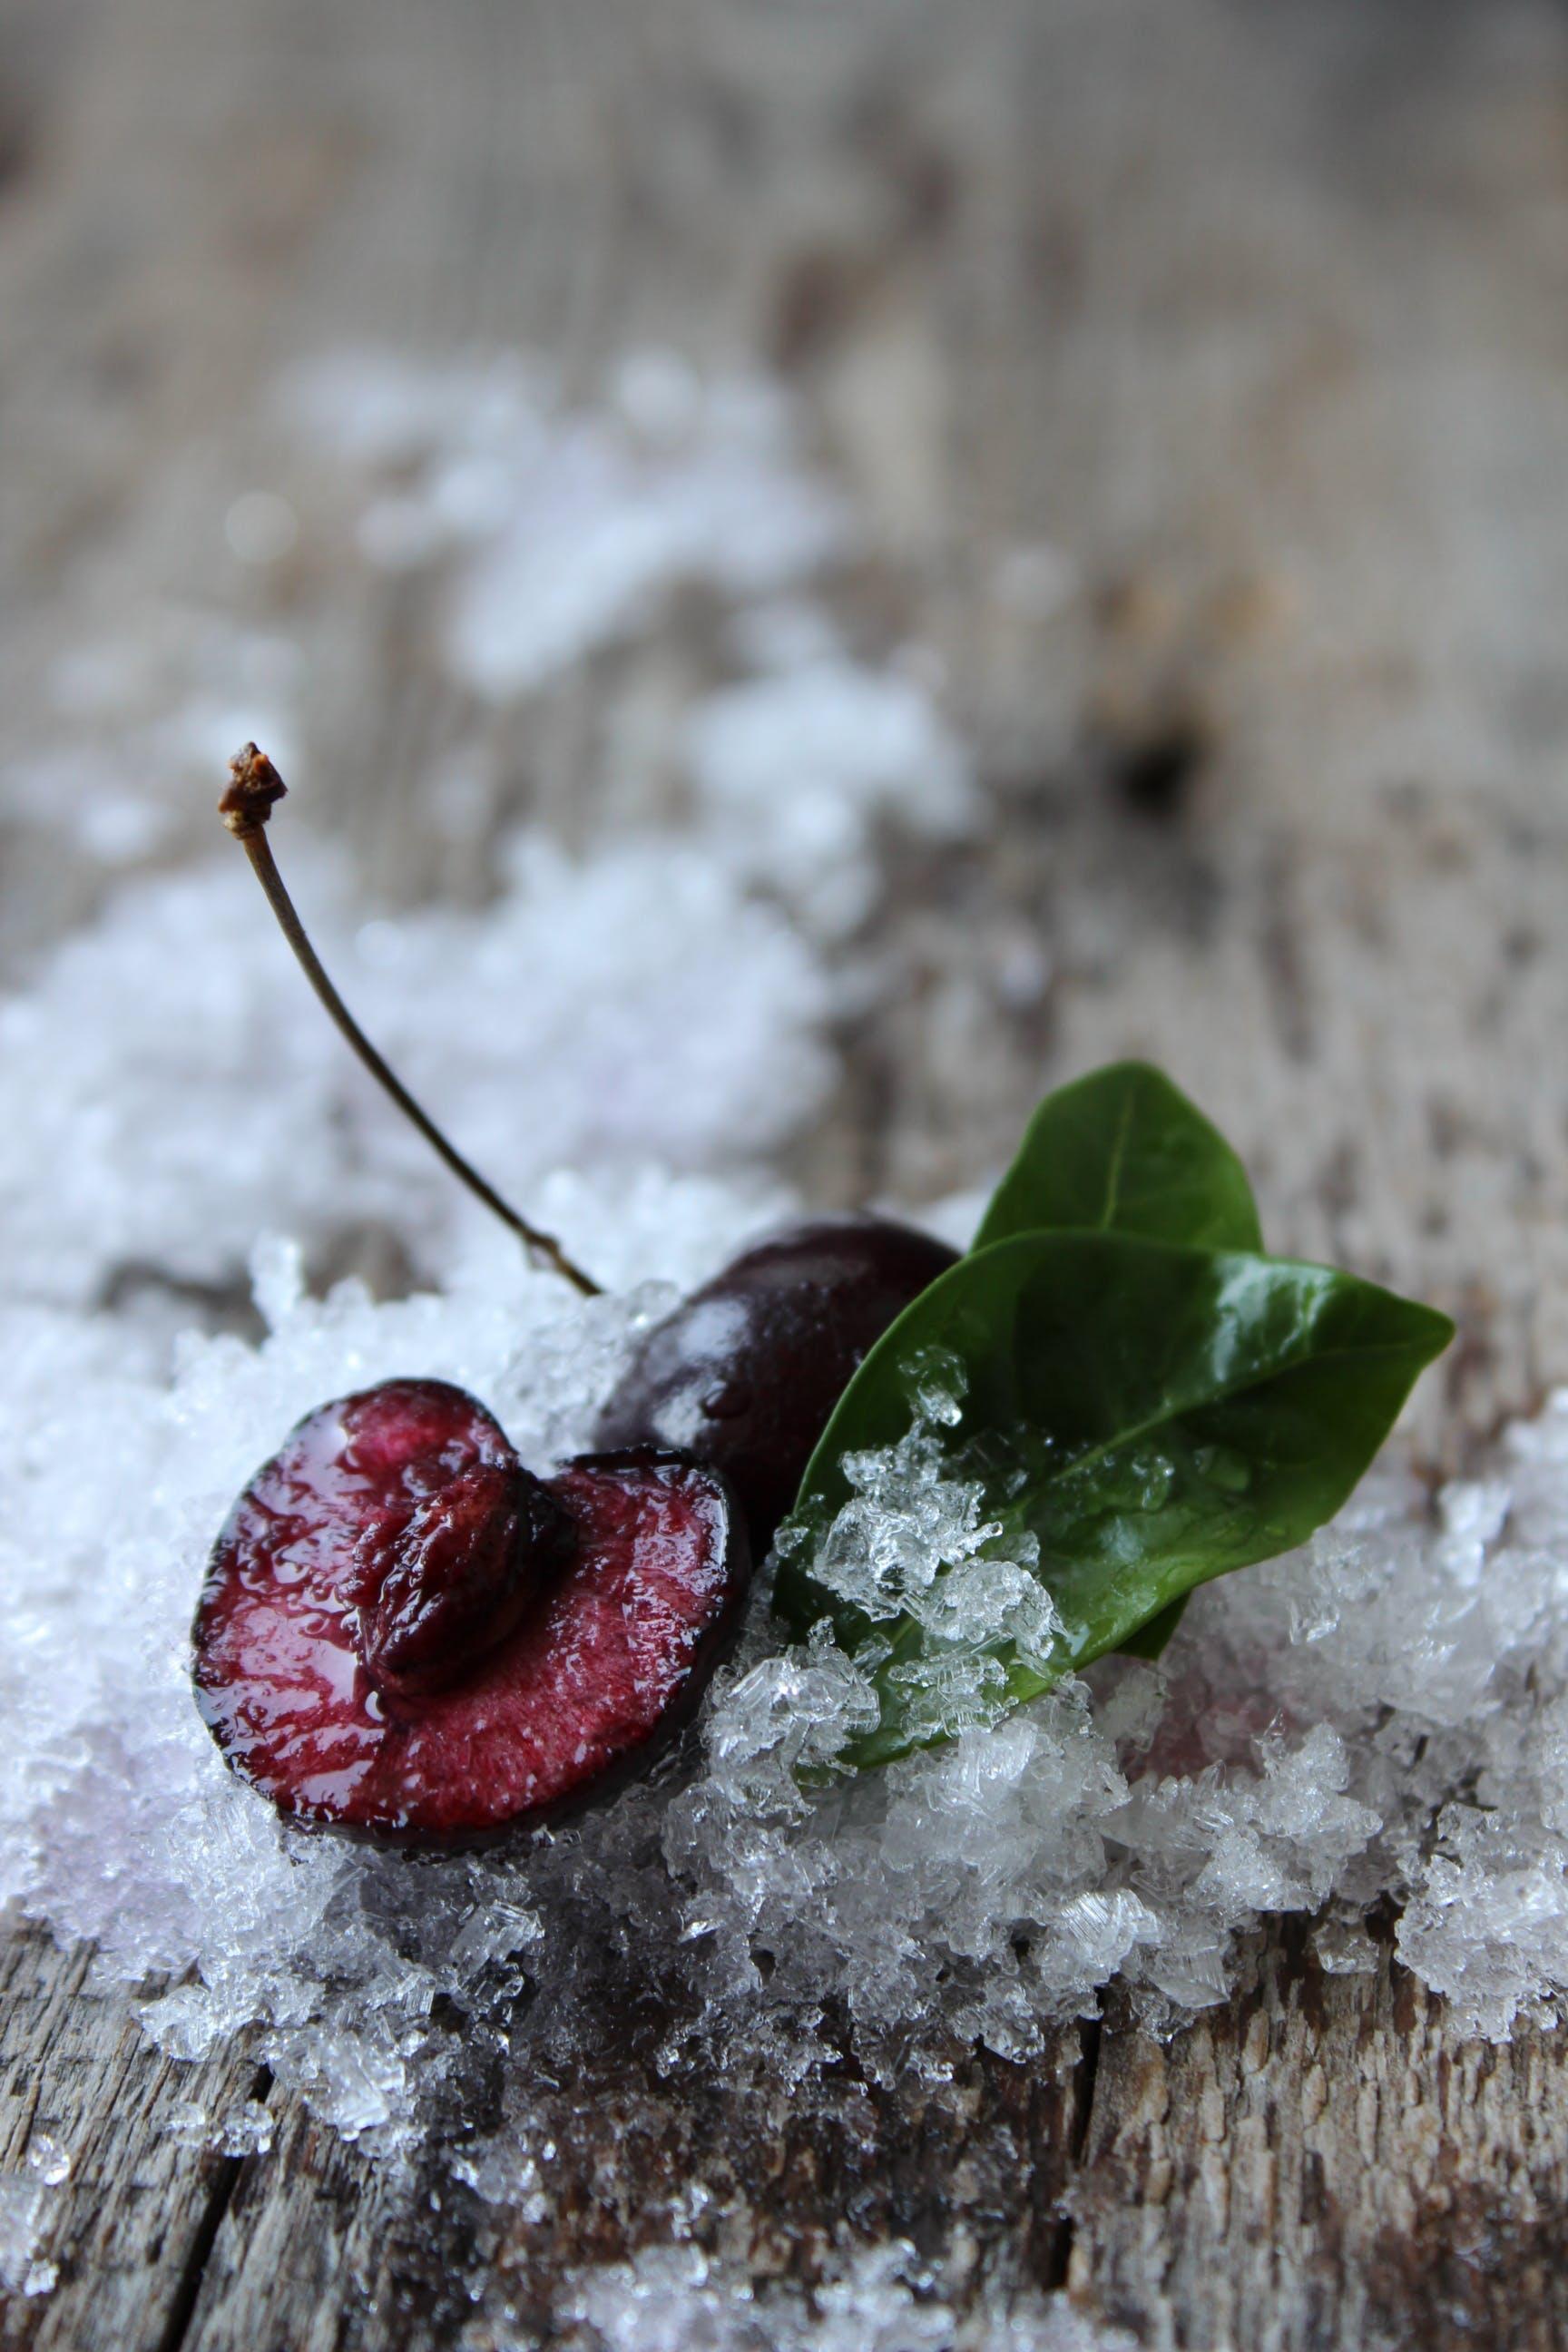 Close-up of Frozen Leaf